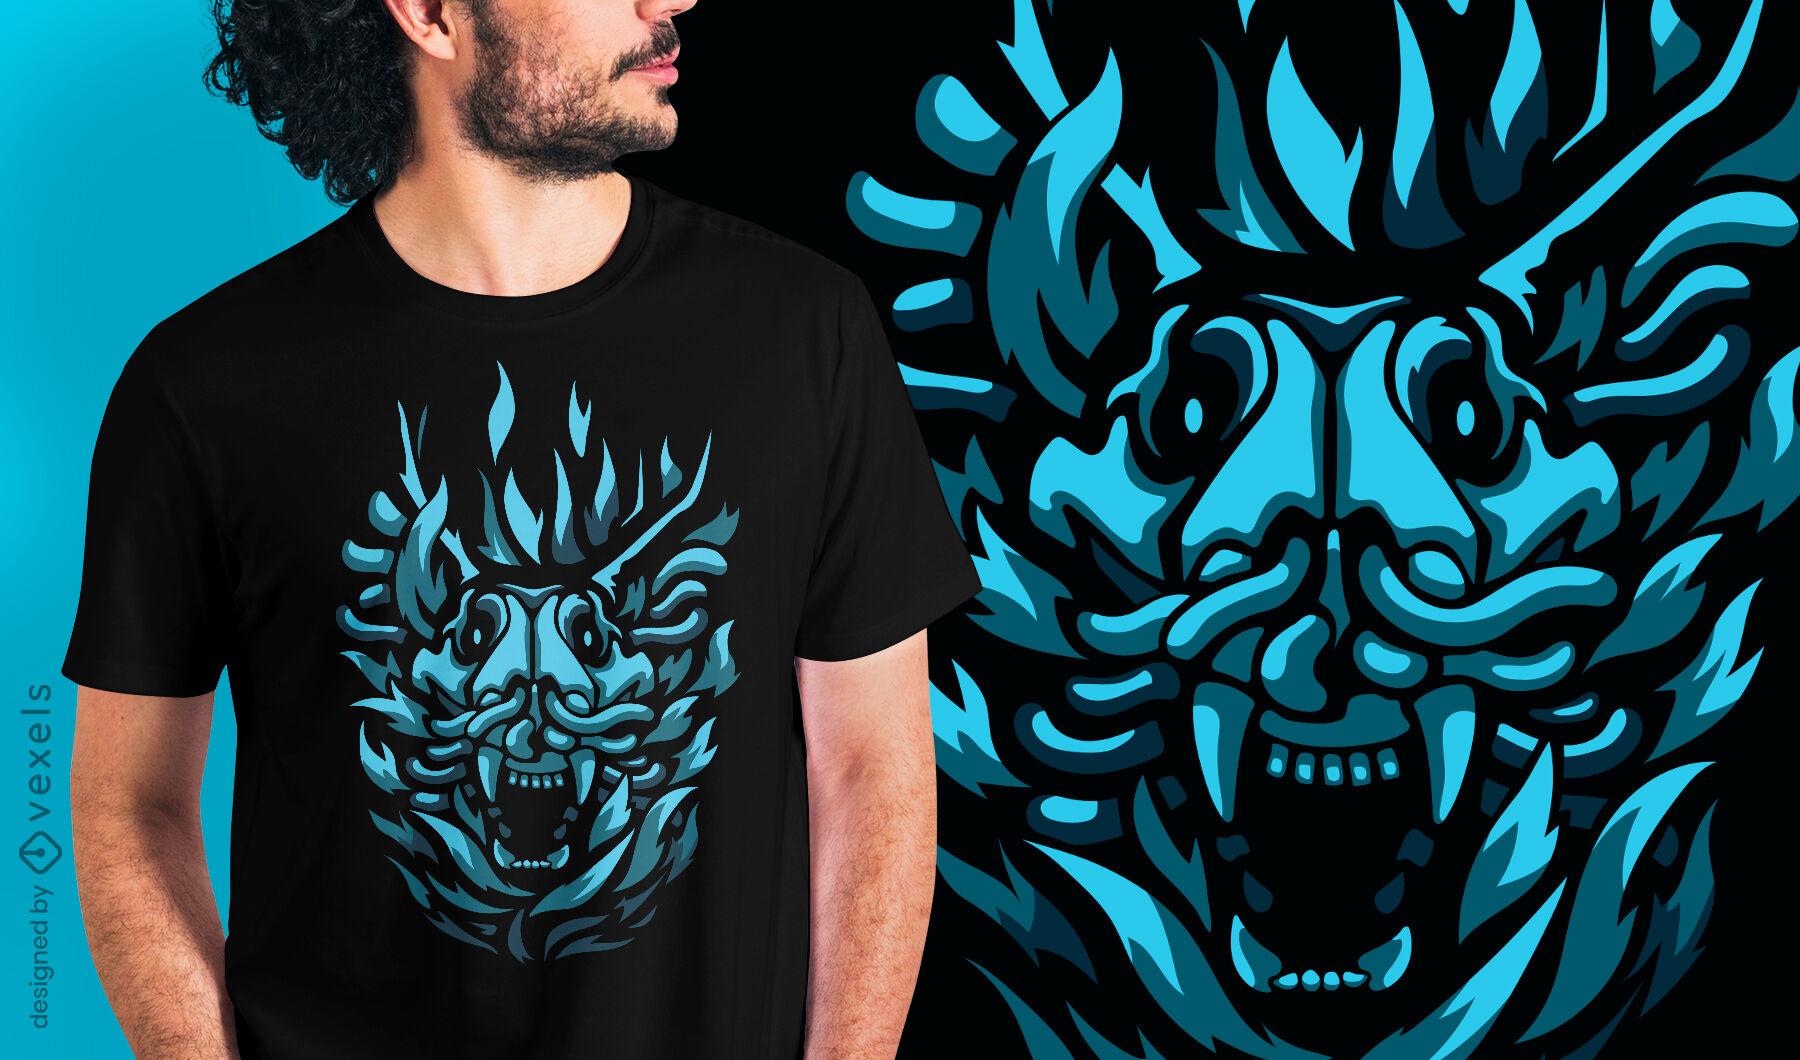 Dark creature demon animal head t-shirt design